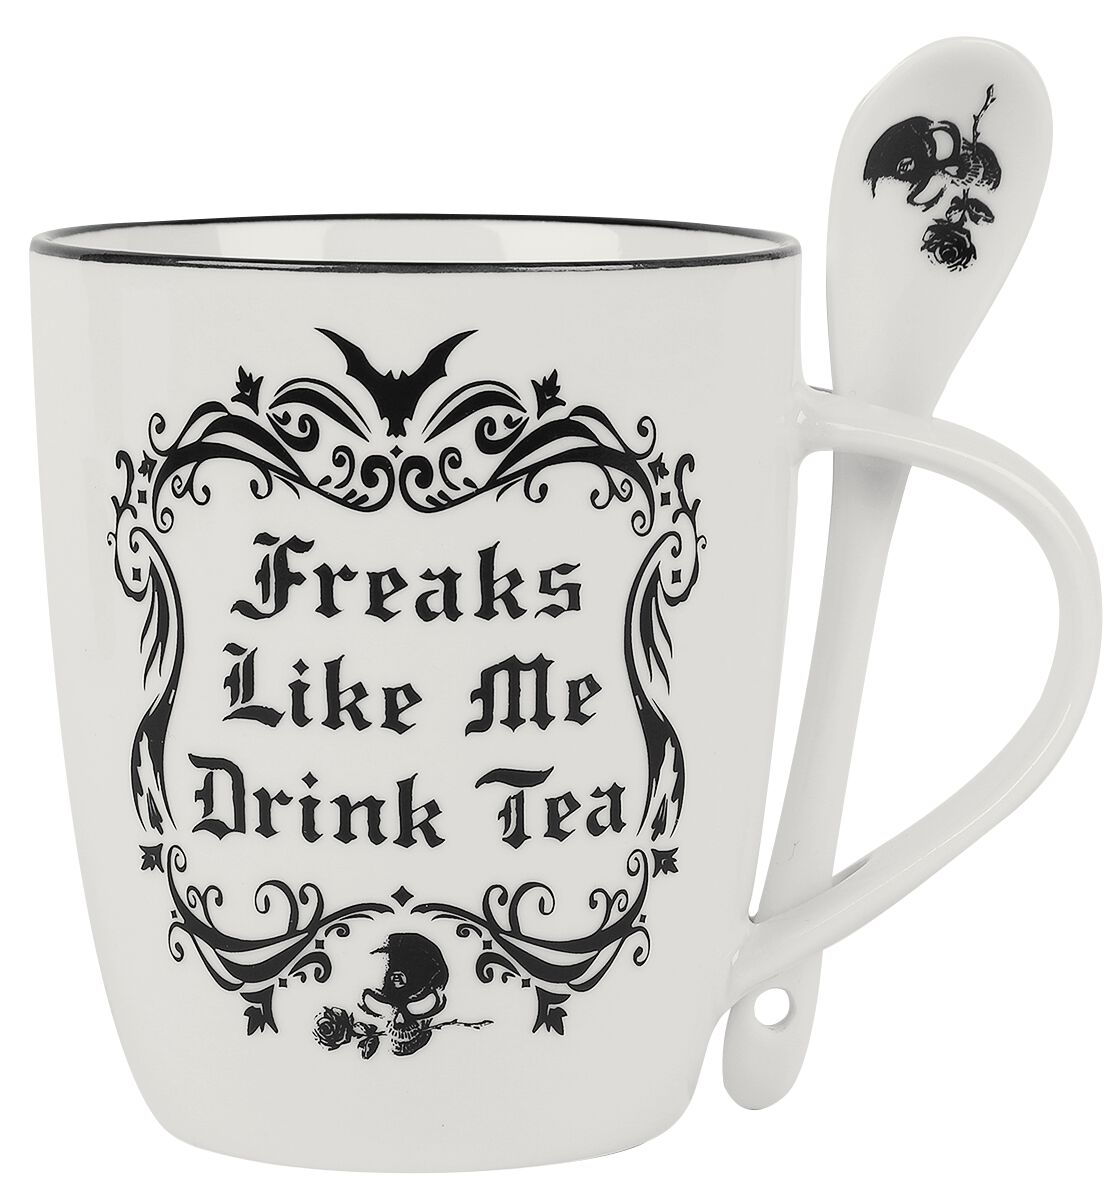 Alchemy England 1977 Freaks Like Me Drink Tea Tasse weiß schwarz ALMUG19